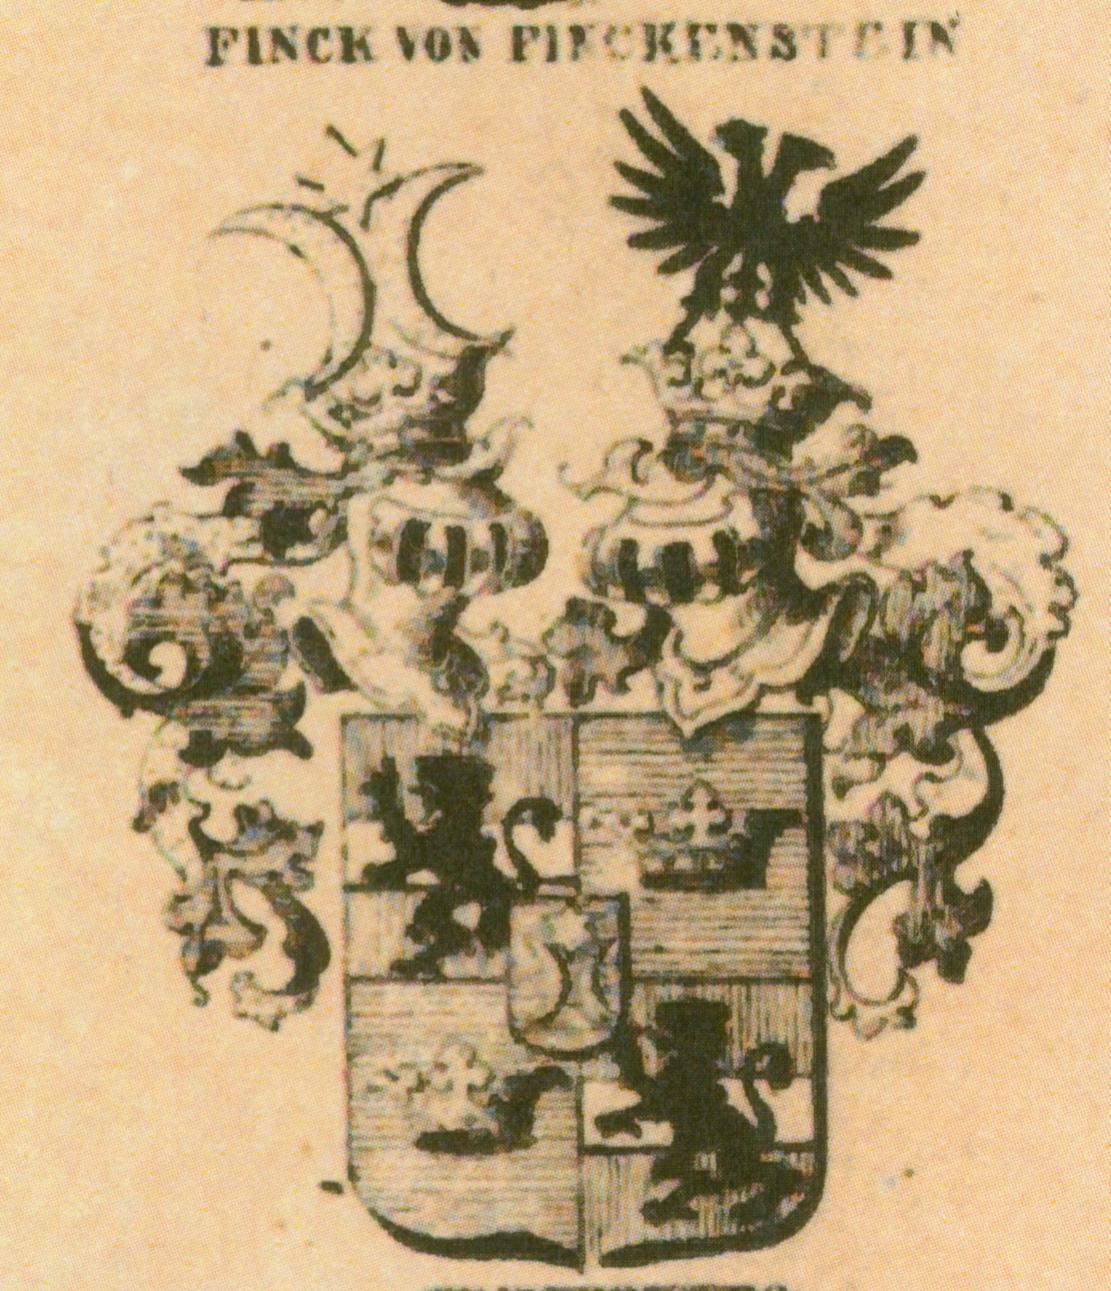 Finck von Finckenstein